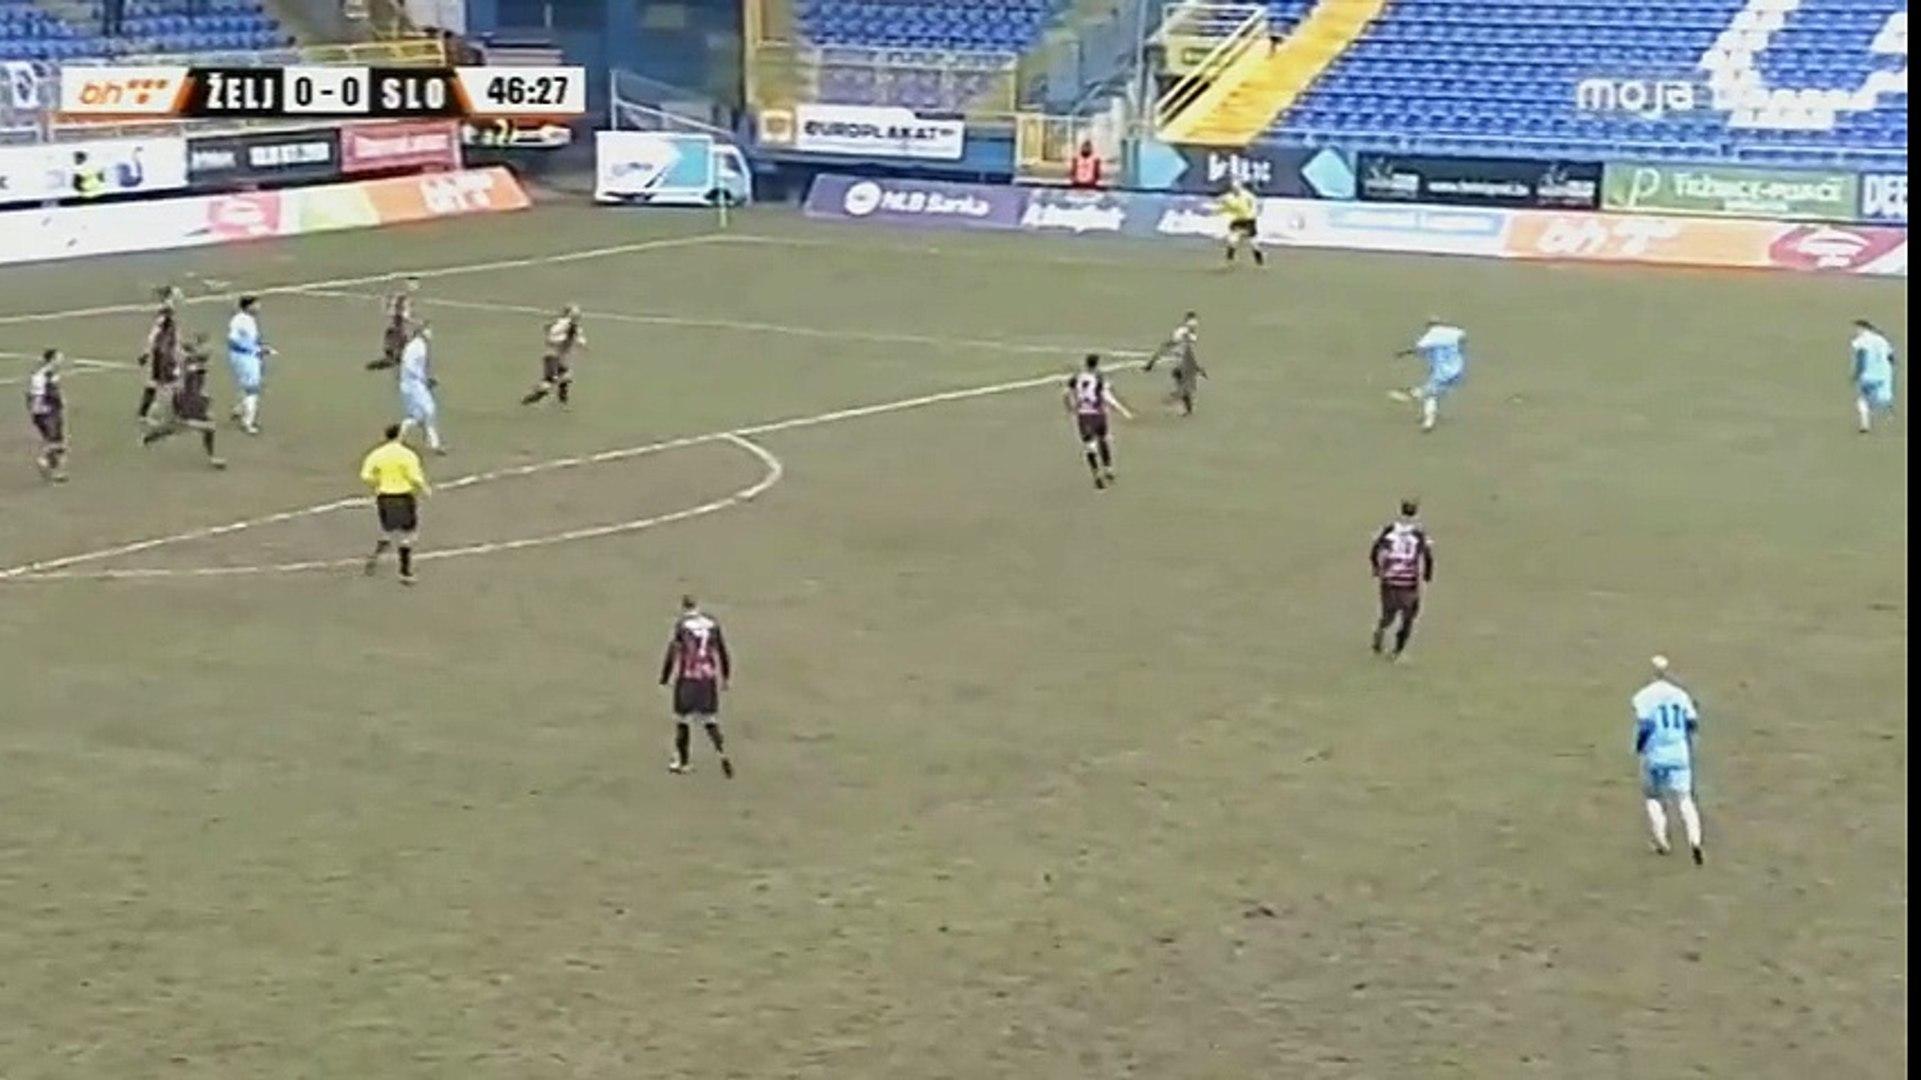 FK Željezničar - FK Sloboda / Ramović šansa i sporna situacija